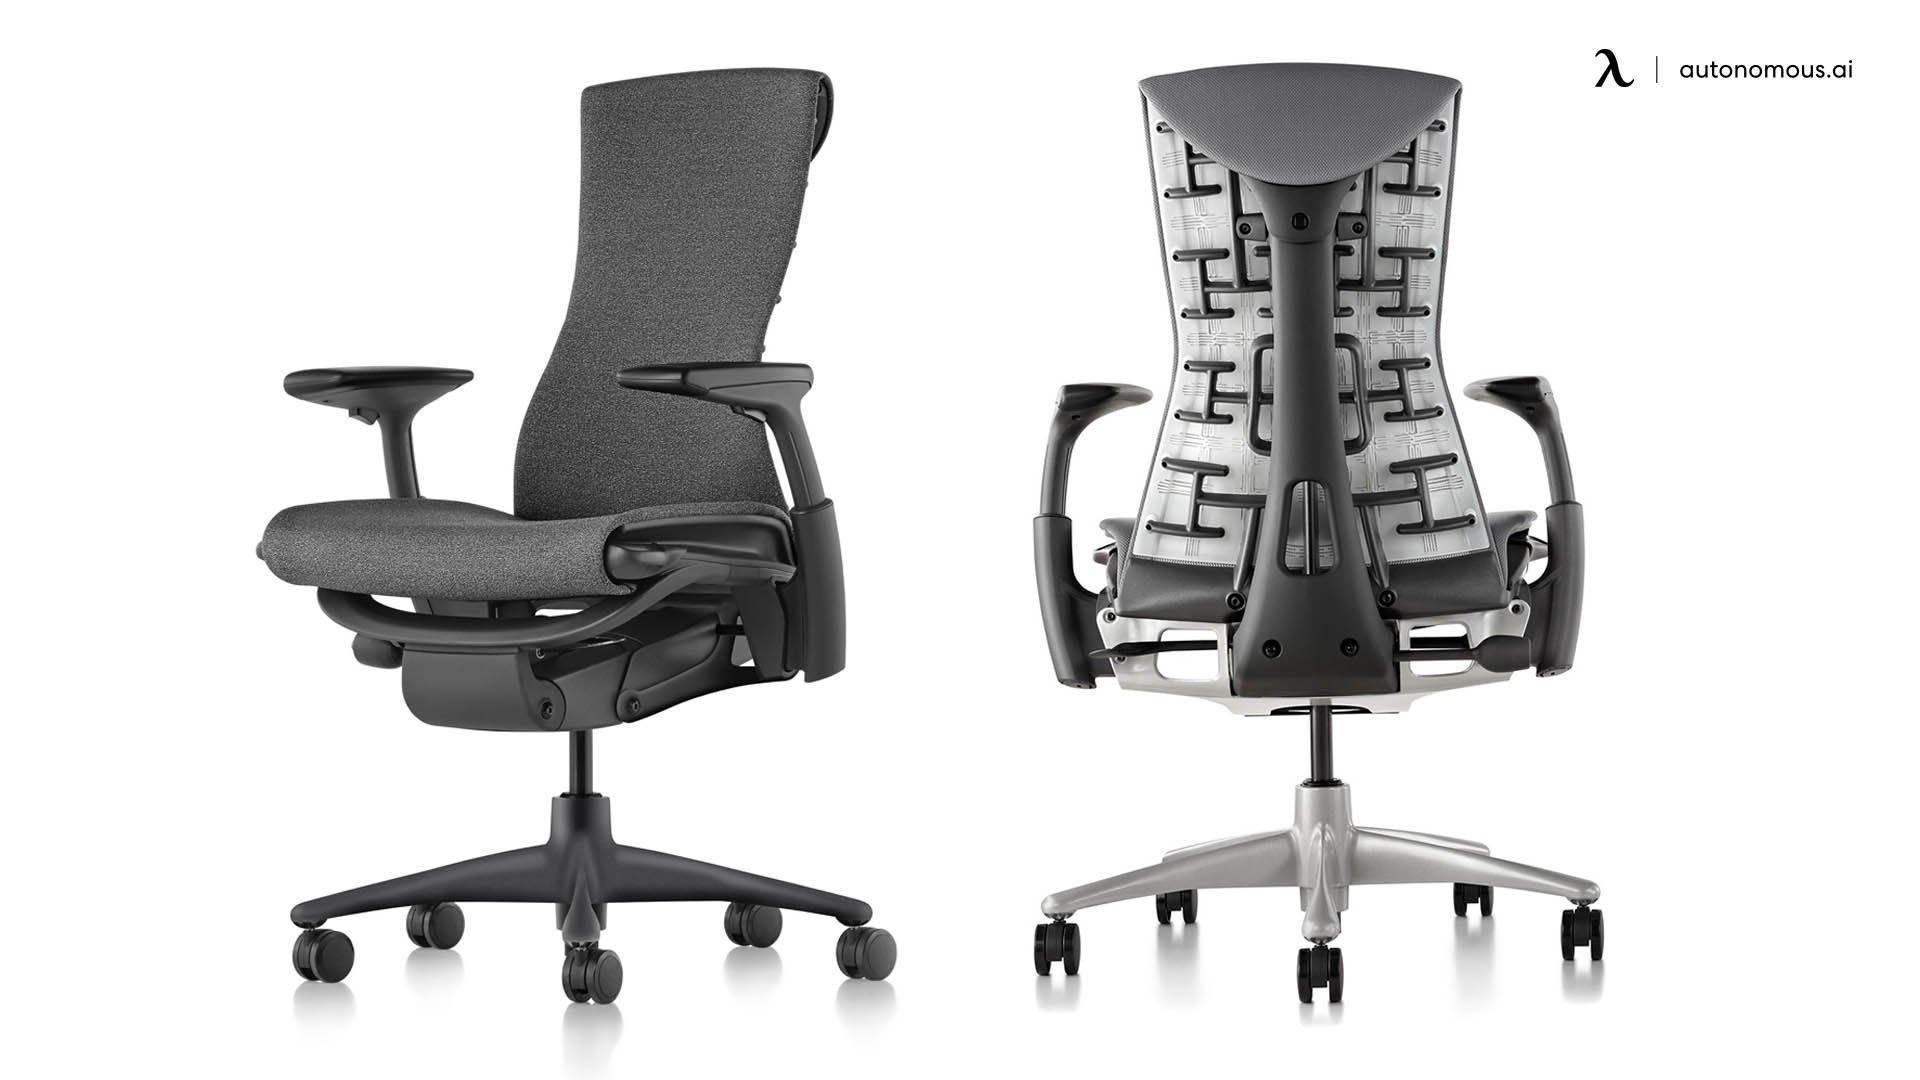 Herman Miller Embody Ergonomic Office Chair